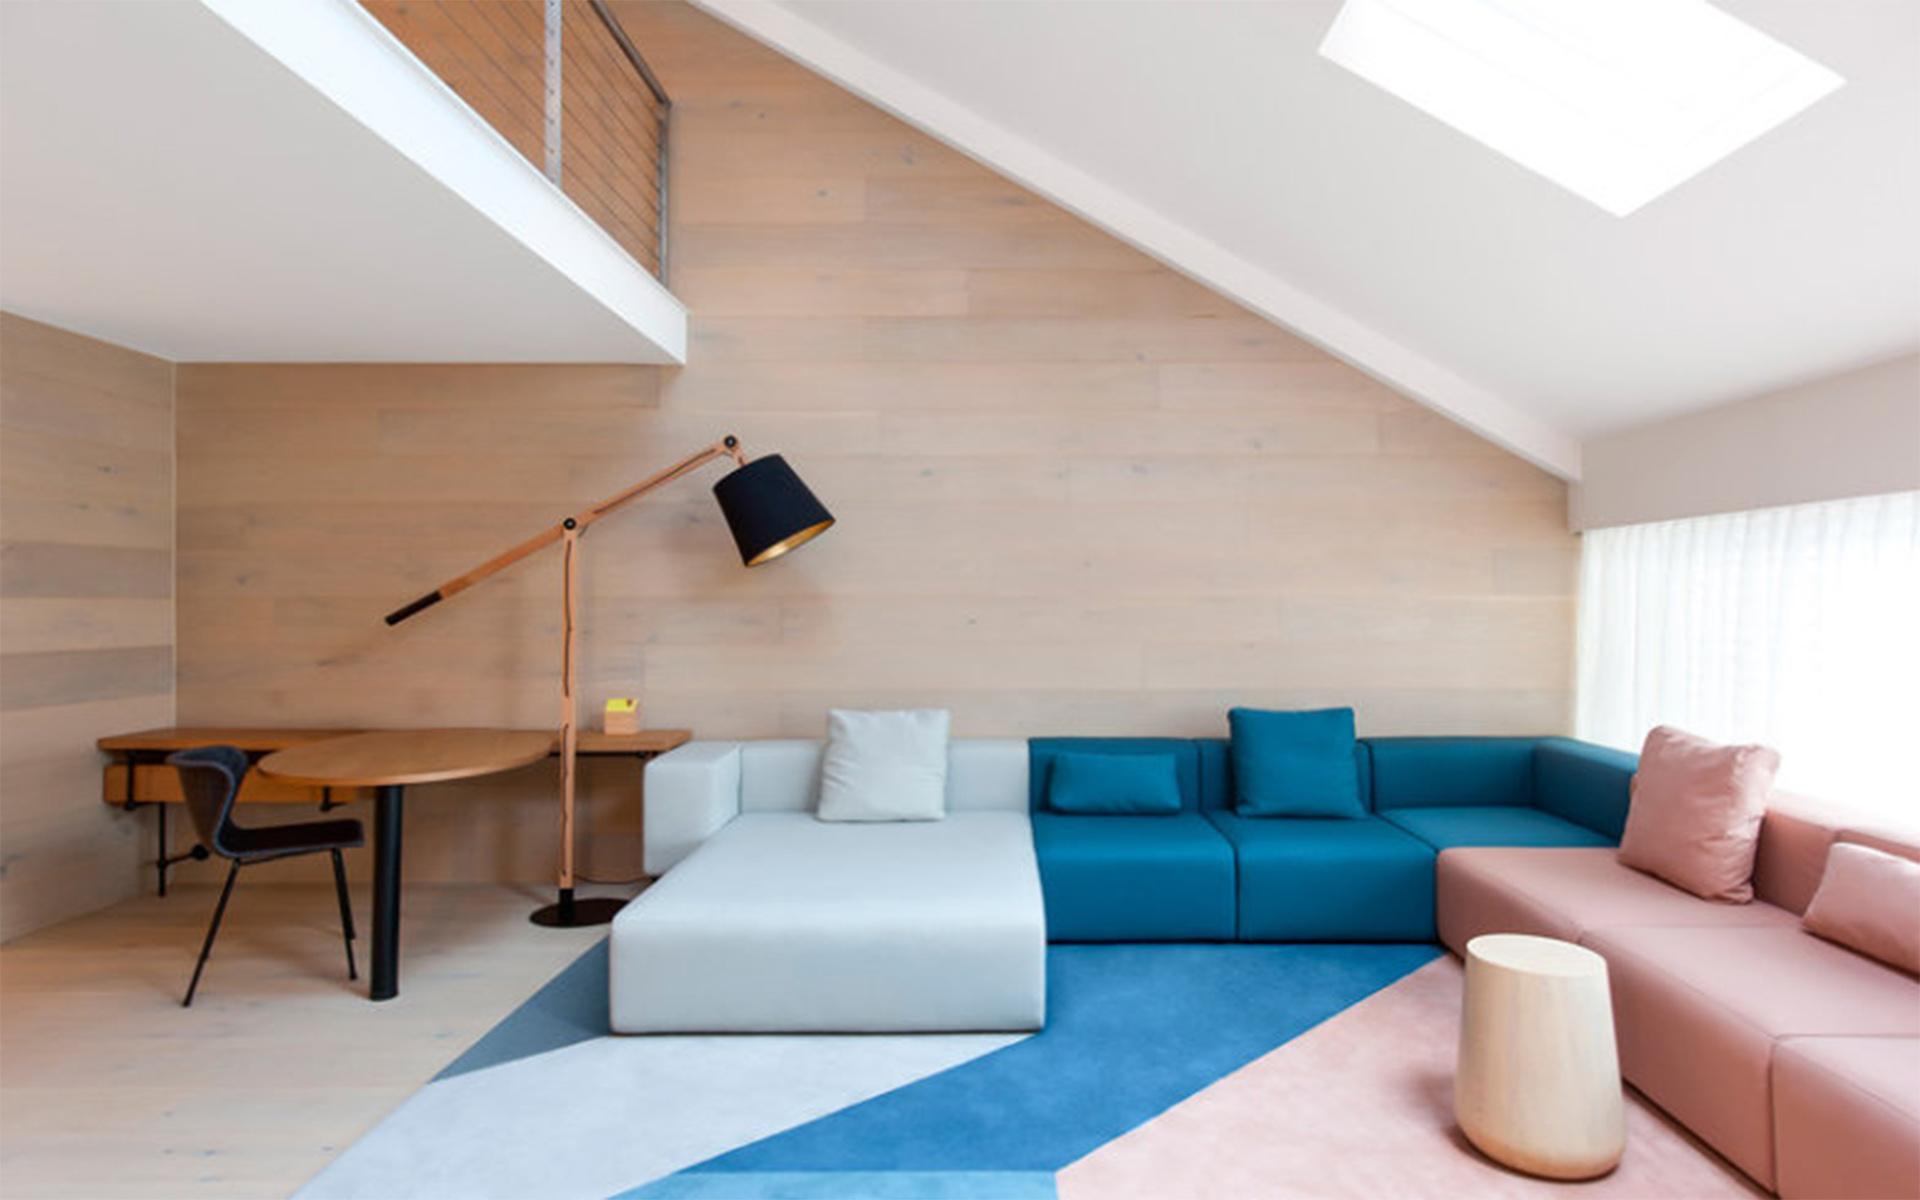 Sofá da mesma cor do tapete